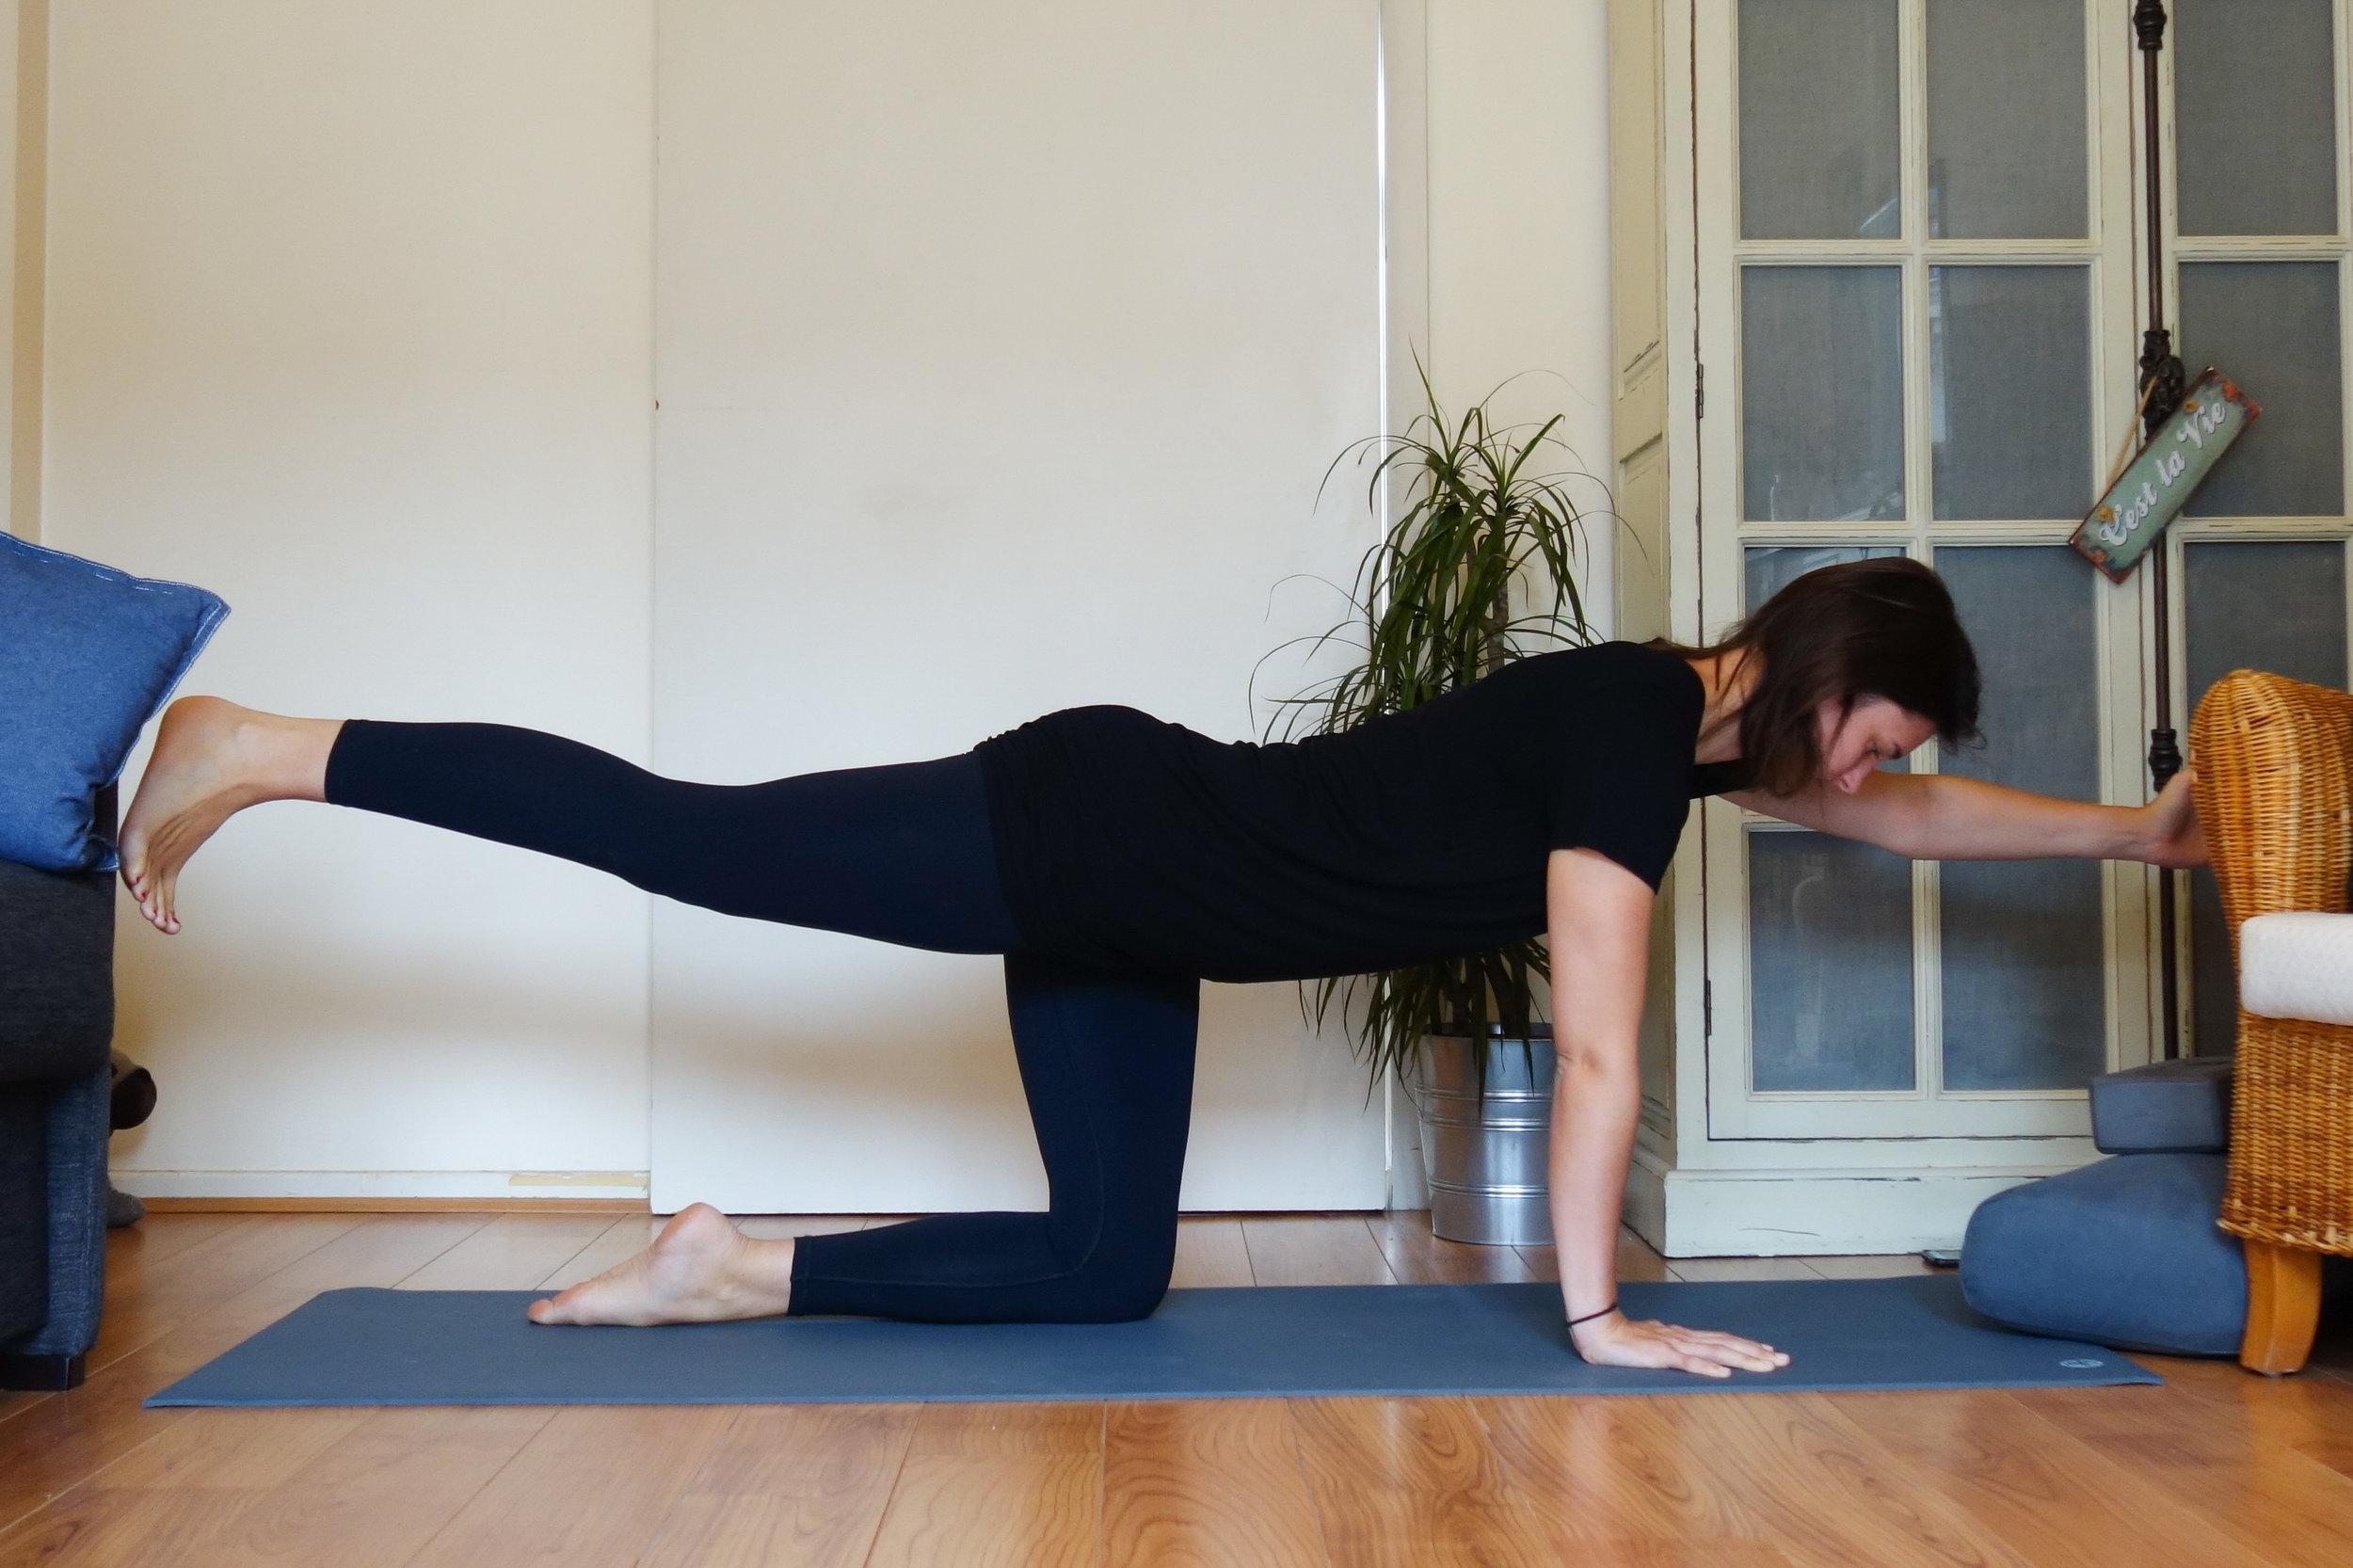 table balancing pose you go do yoga